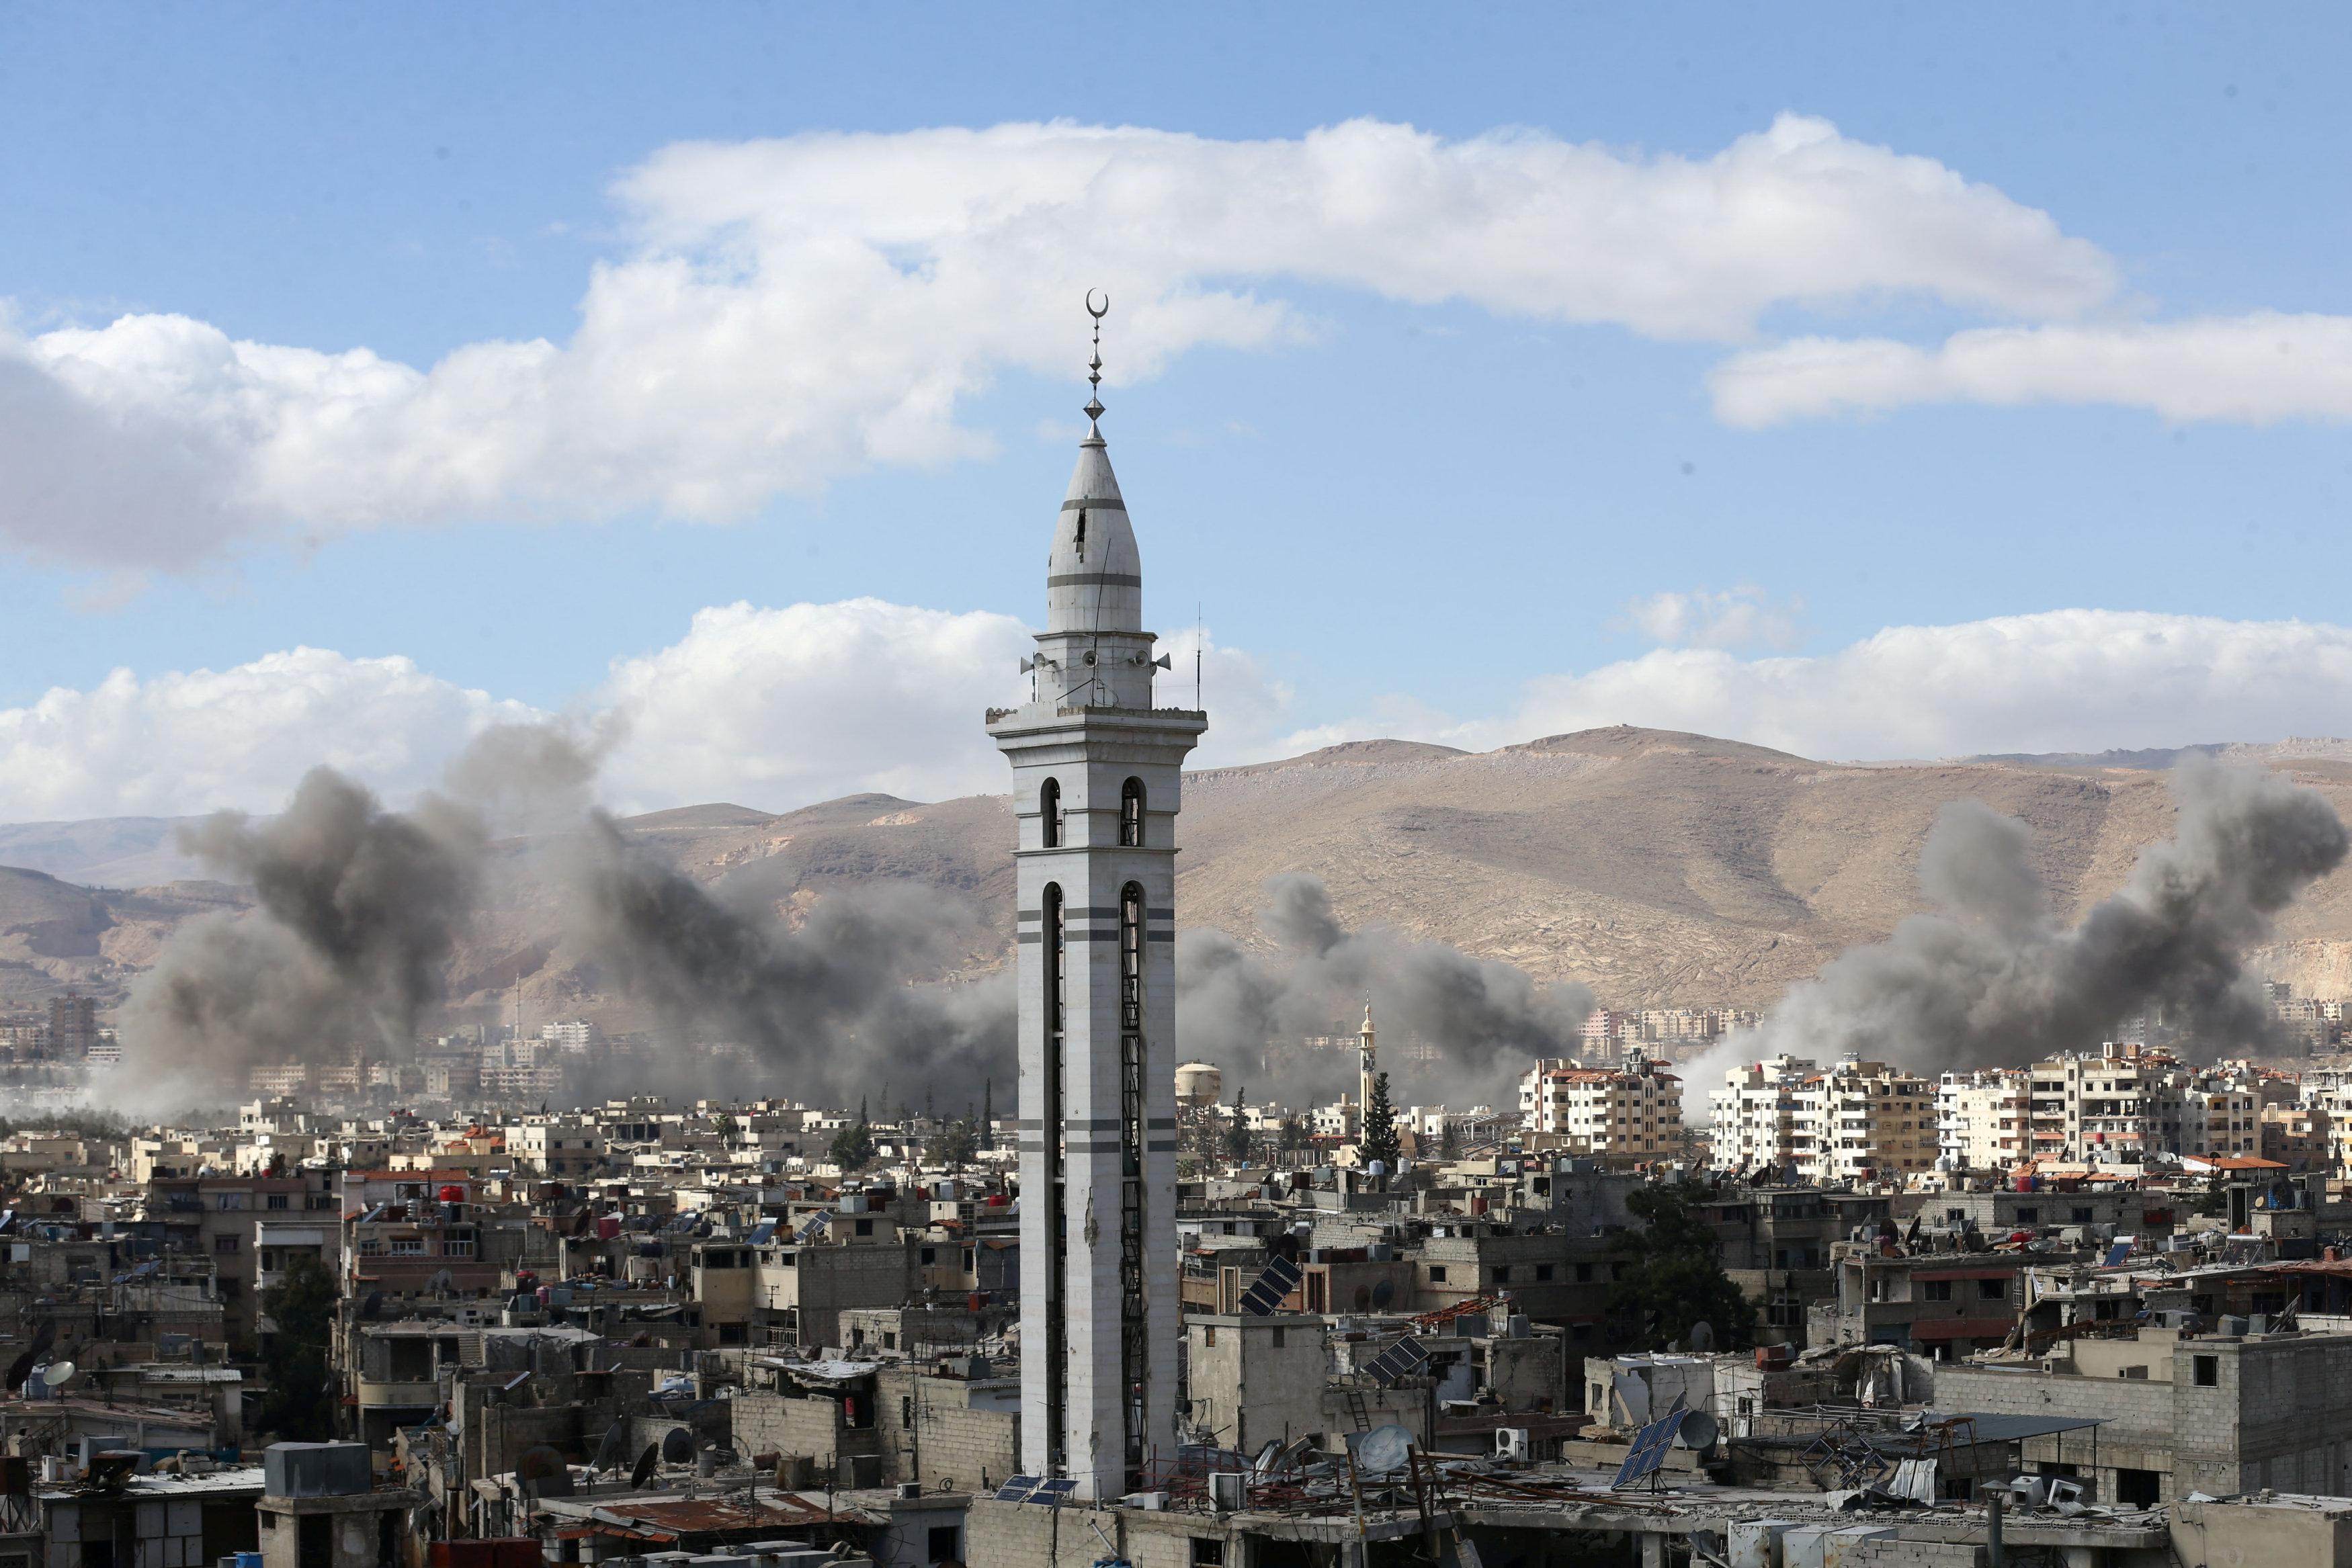 El humo sale del enclave rebelde de Guta Oriental (REUTERS/ Bassam Khabieh)